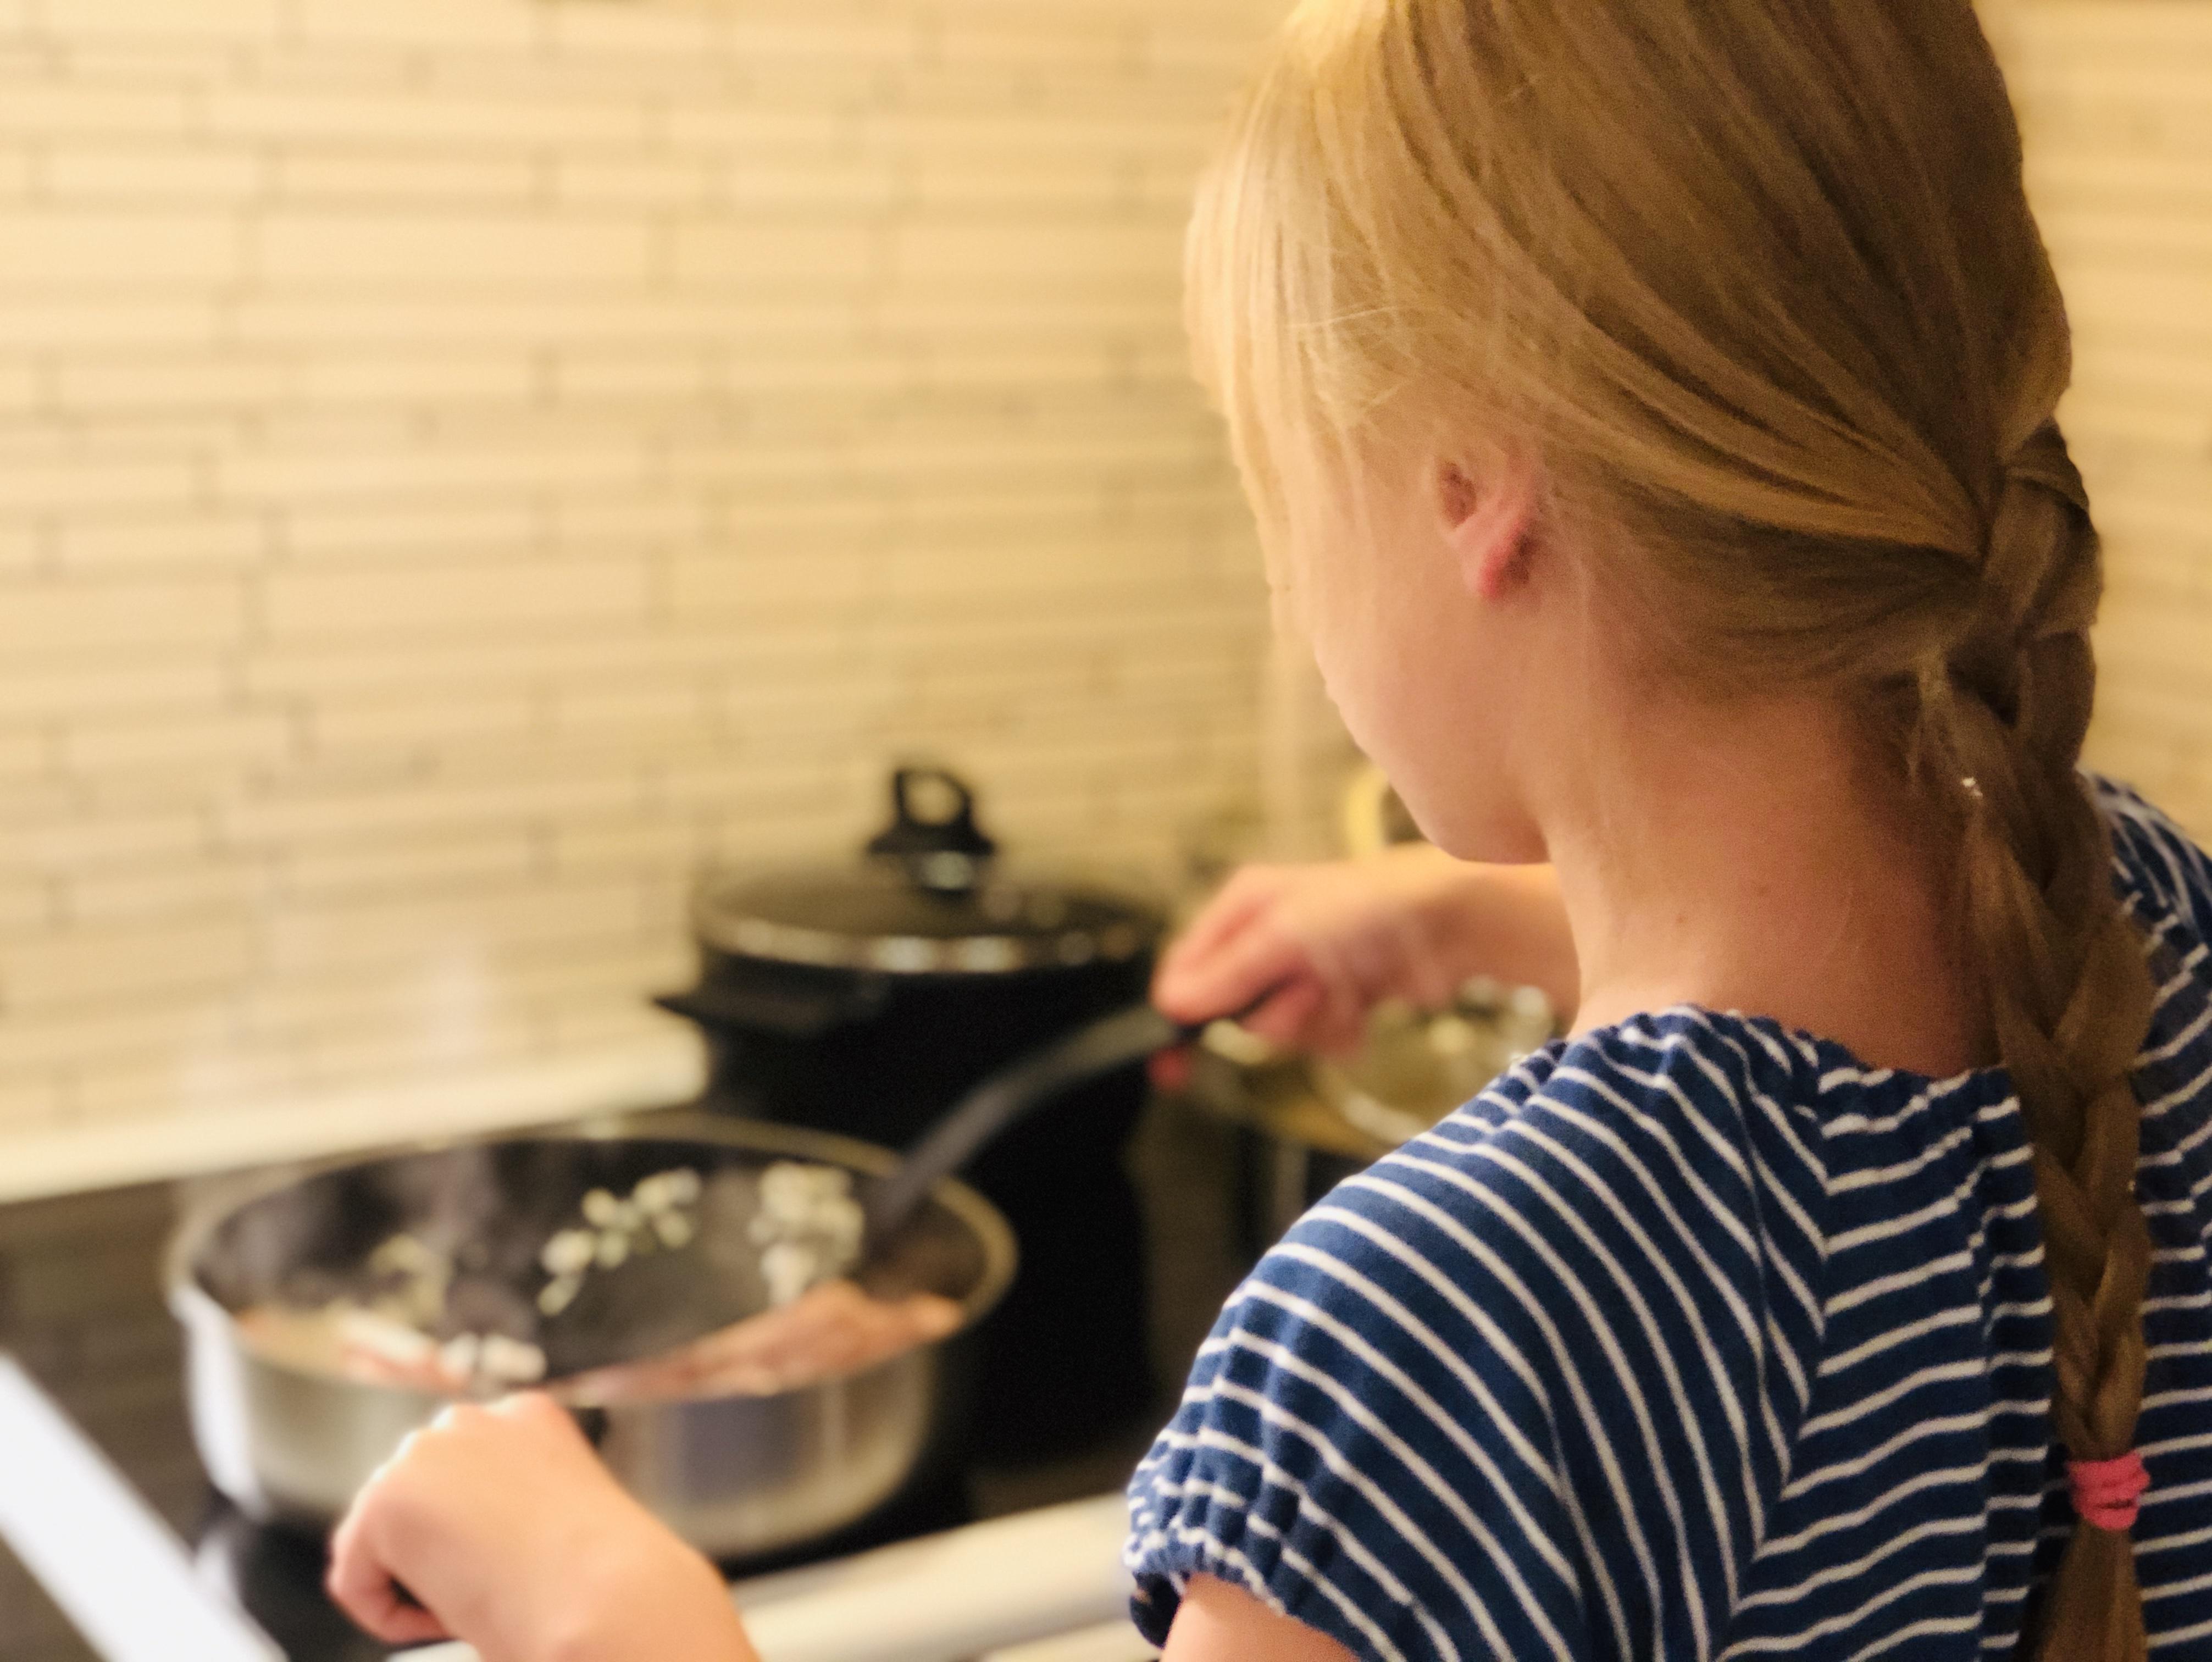 Korv Stroganoff falukorv kalkonfalukorv barn lagar mat